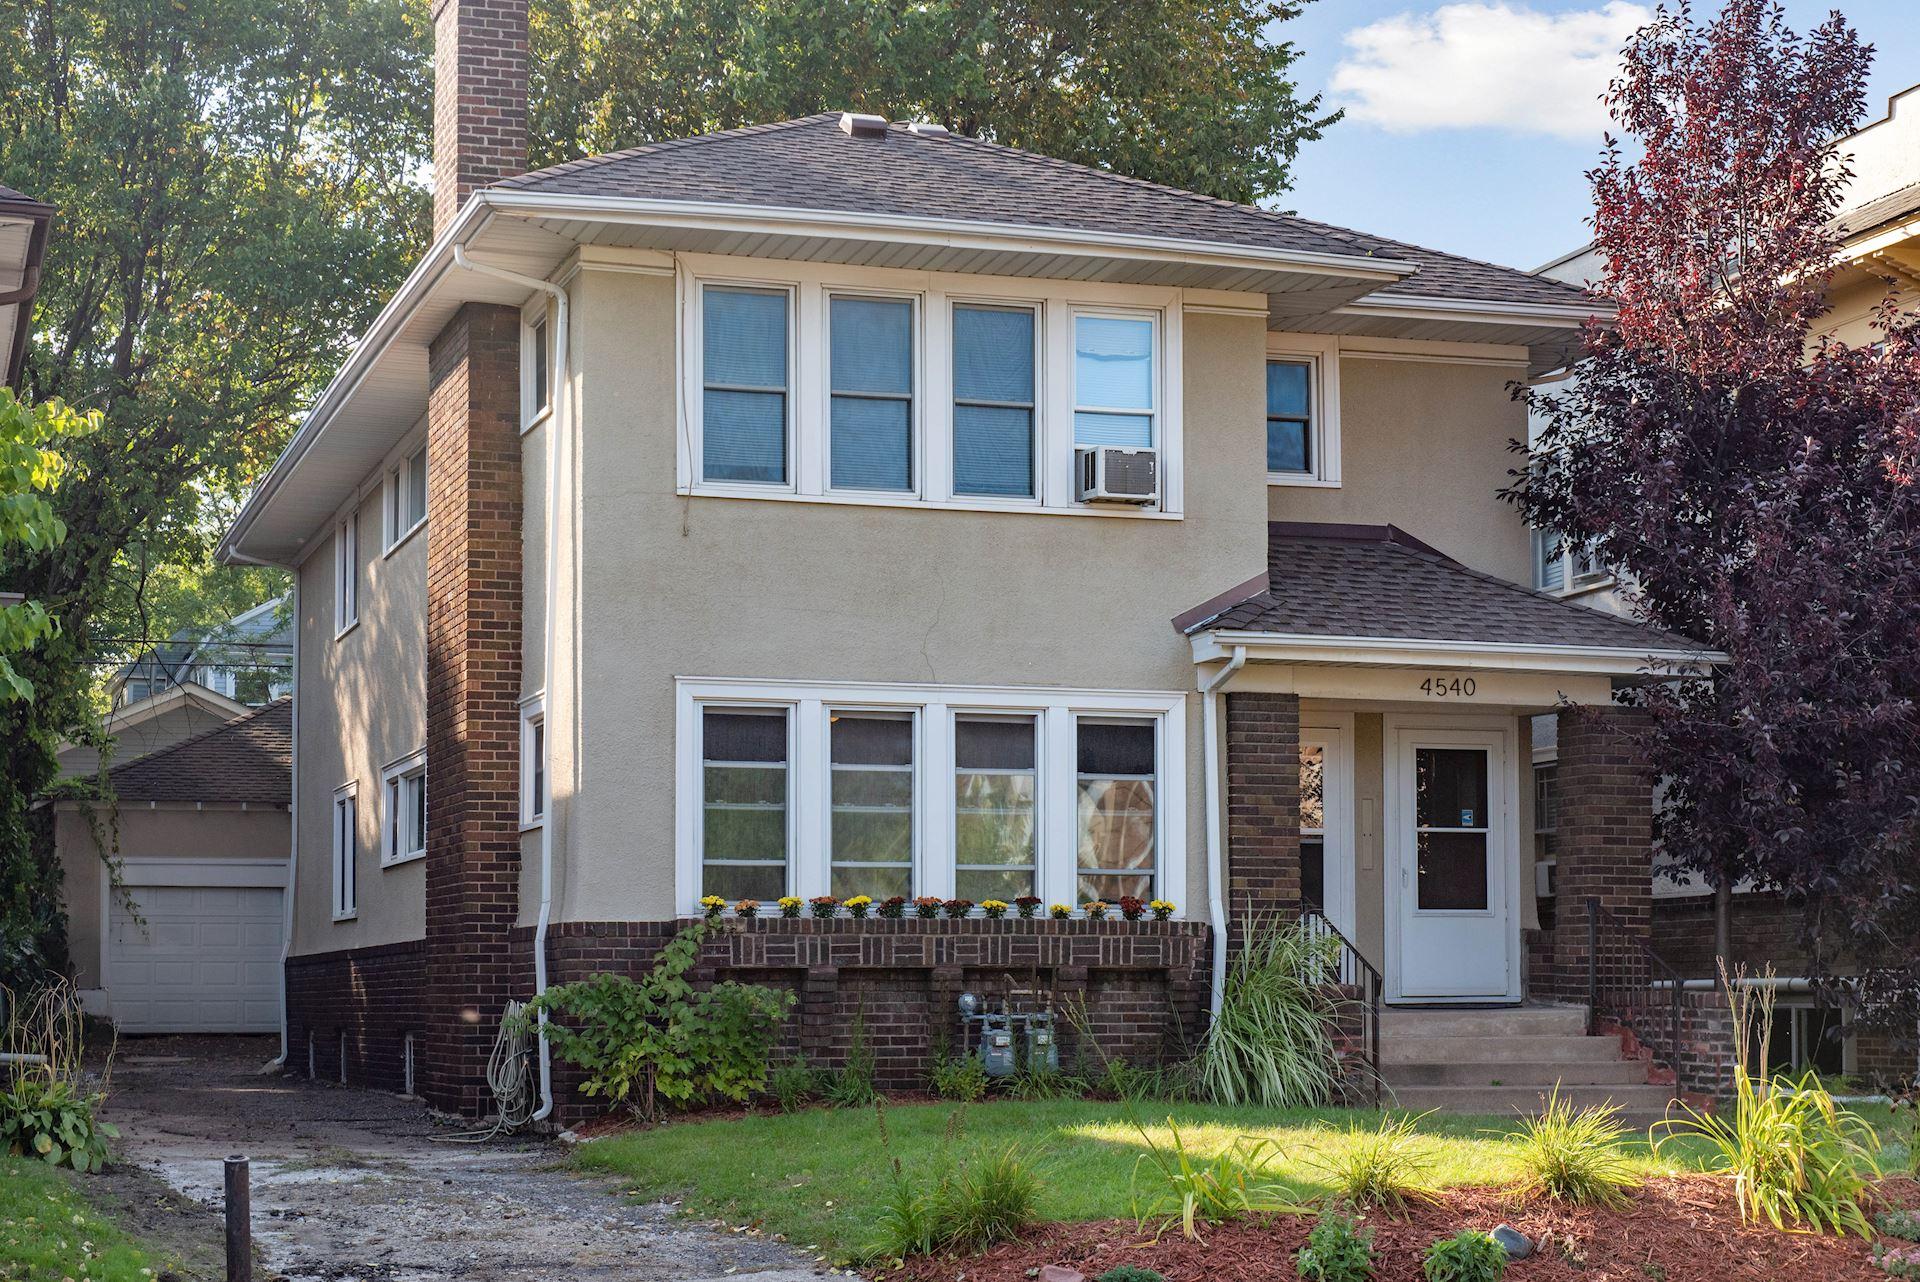 South Minneapolis Duplex for Sale